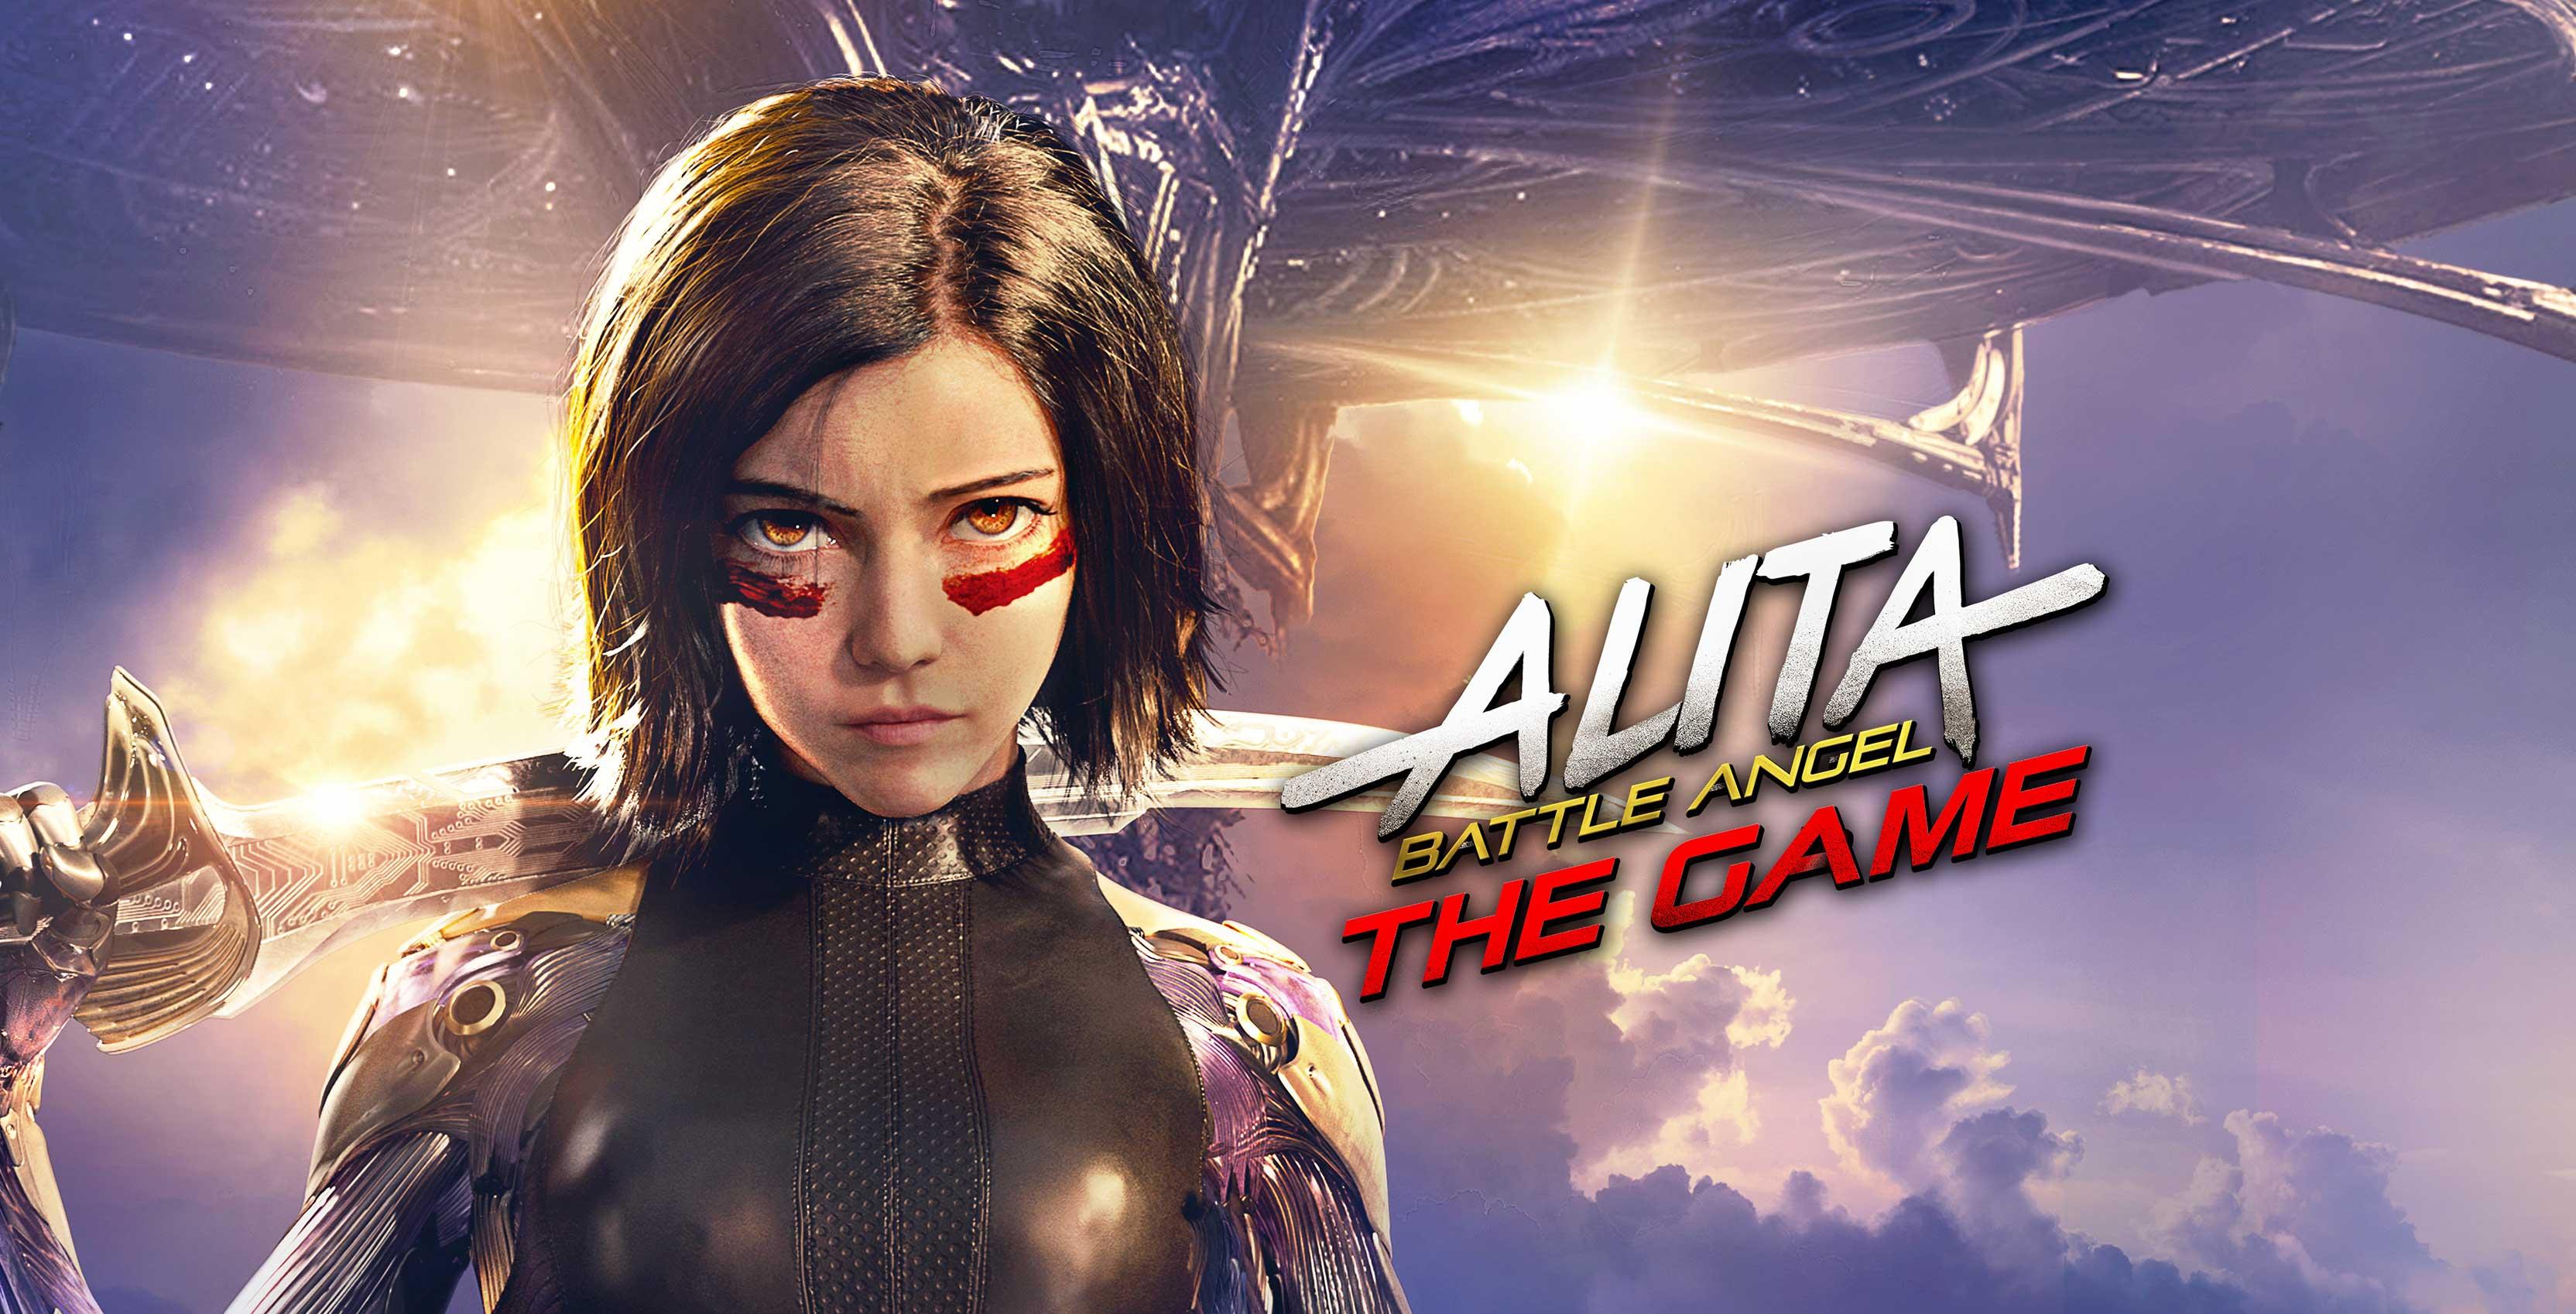 《阿丽塔:战斗天使》同名手游上线!与阿丽塔一同对抗邪恶力量